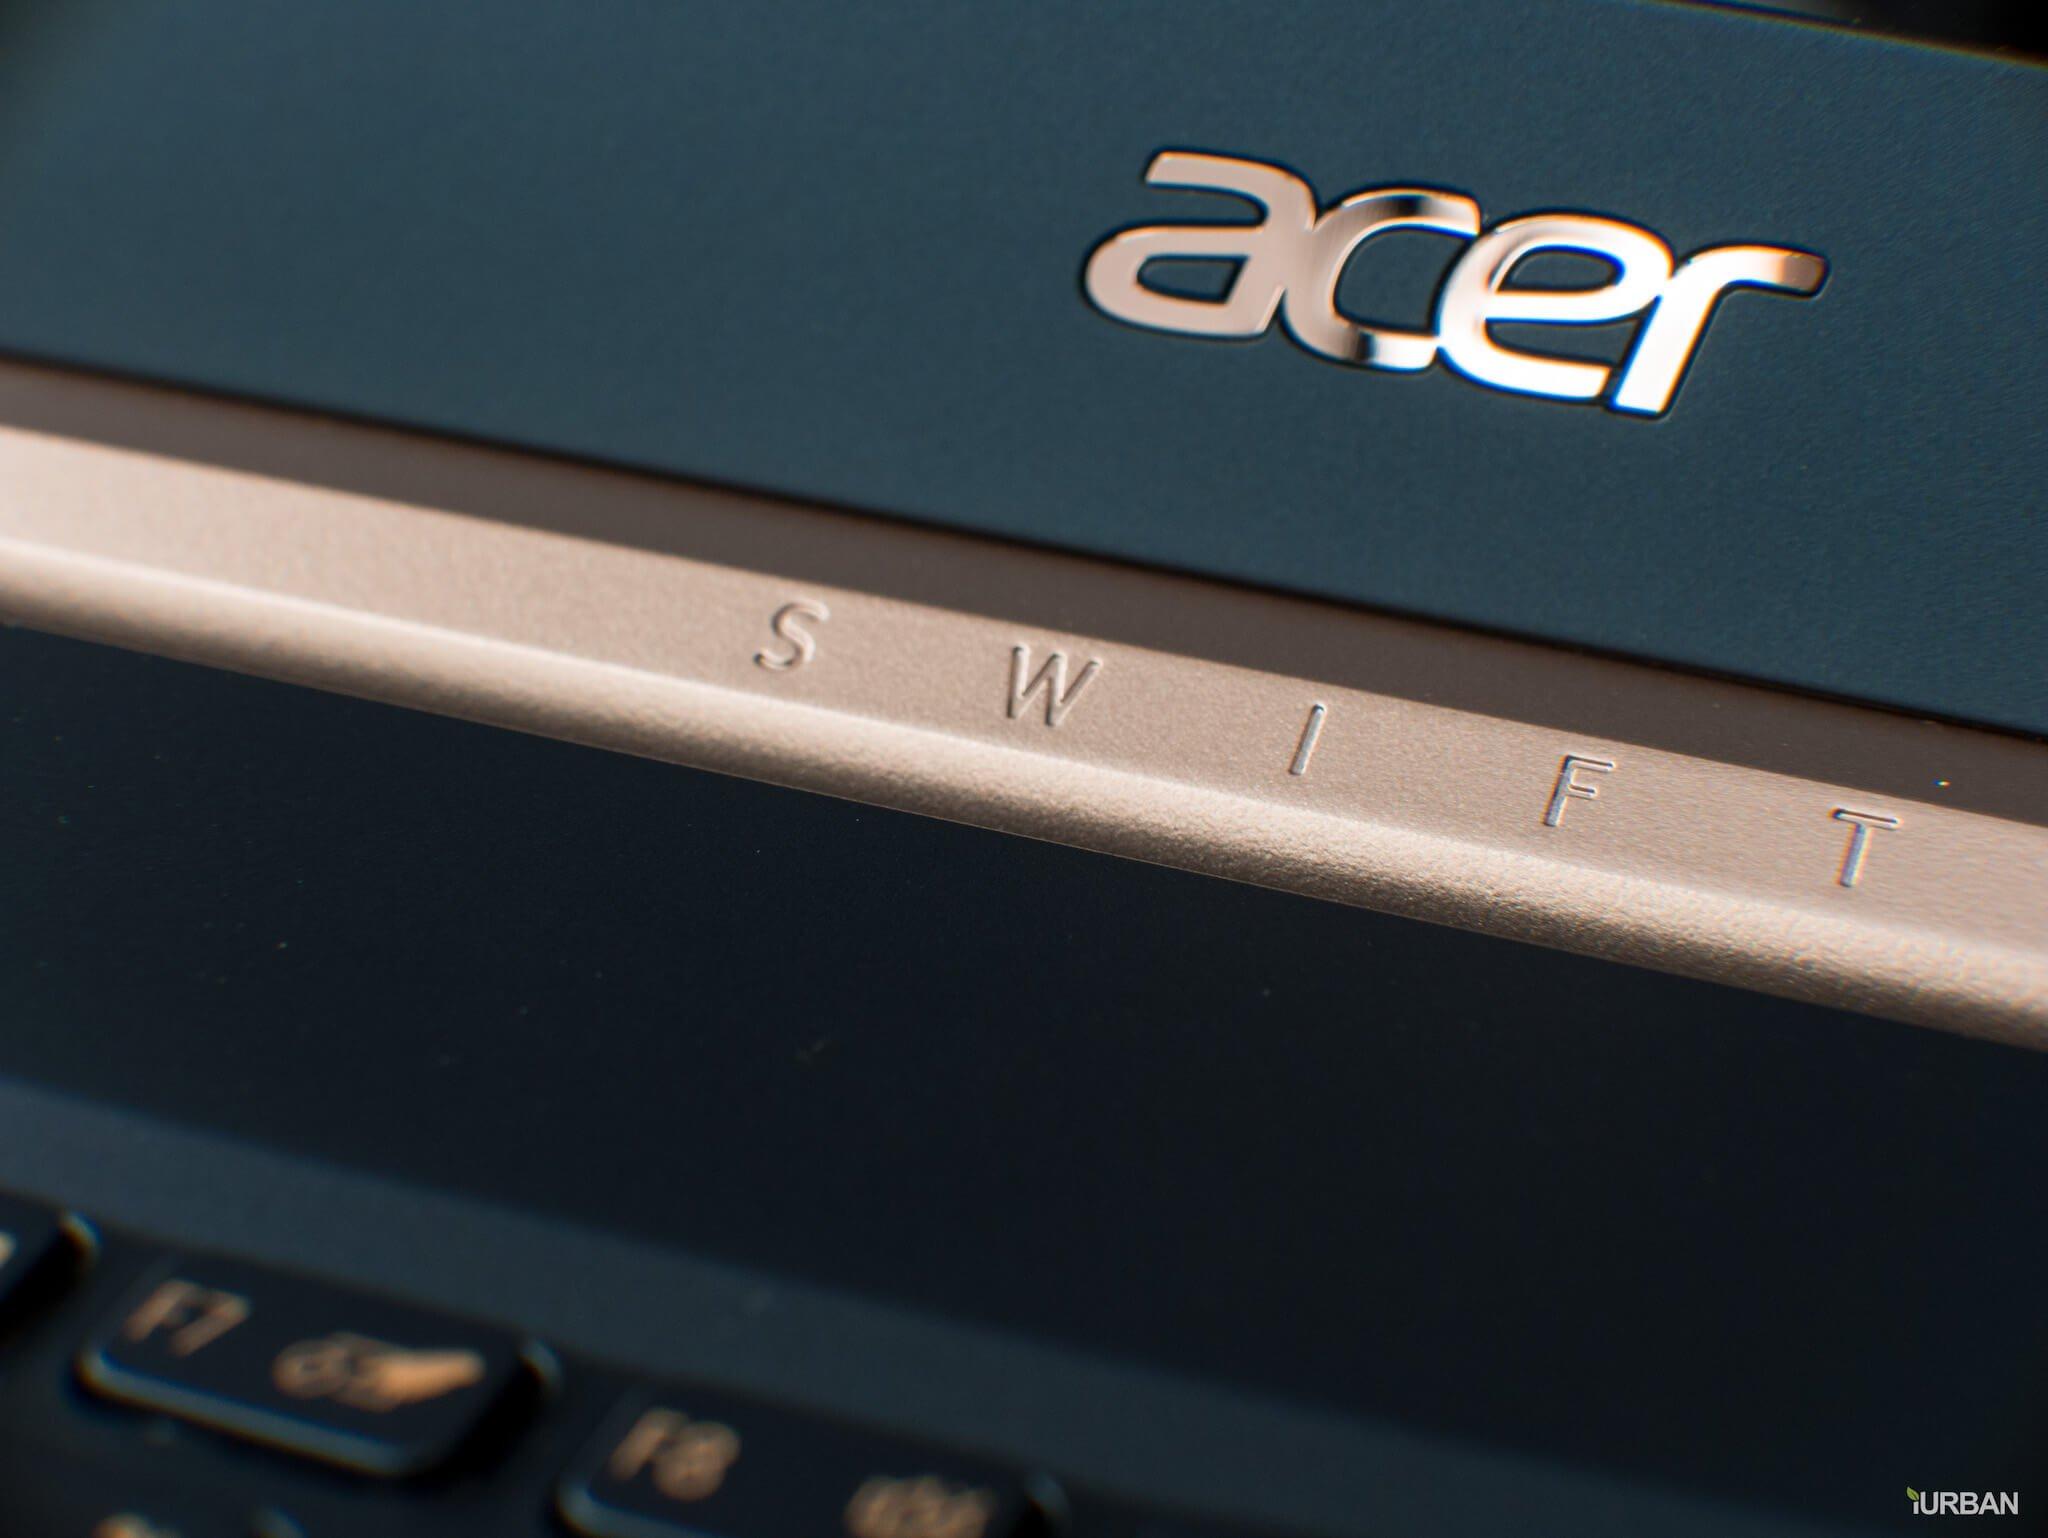 รีวิวโน๊ตบุ๊ค ACER SWIFT 5 เจนใหม่ 2018 แรงแต่เบาเว่อร์ Intel Core i7 หนักแค่ 0.97Kg 35 - Acer